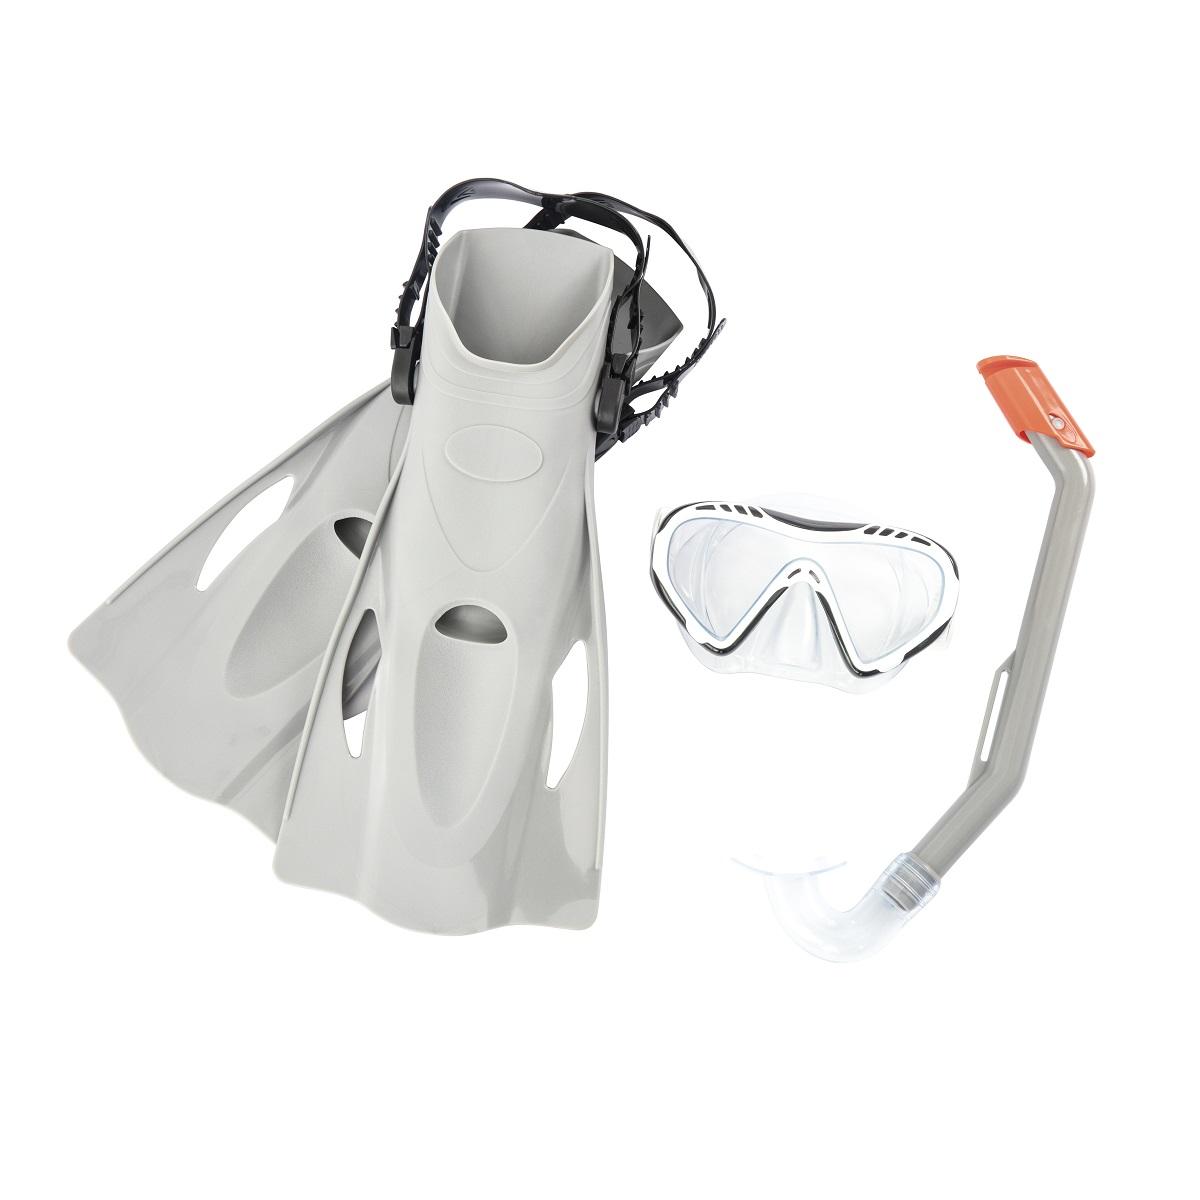 Potápěčský set BESTWAY Hydro Swim 25025 s ploutvemi - šedý